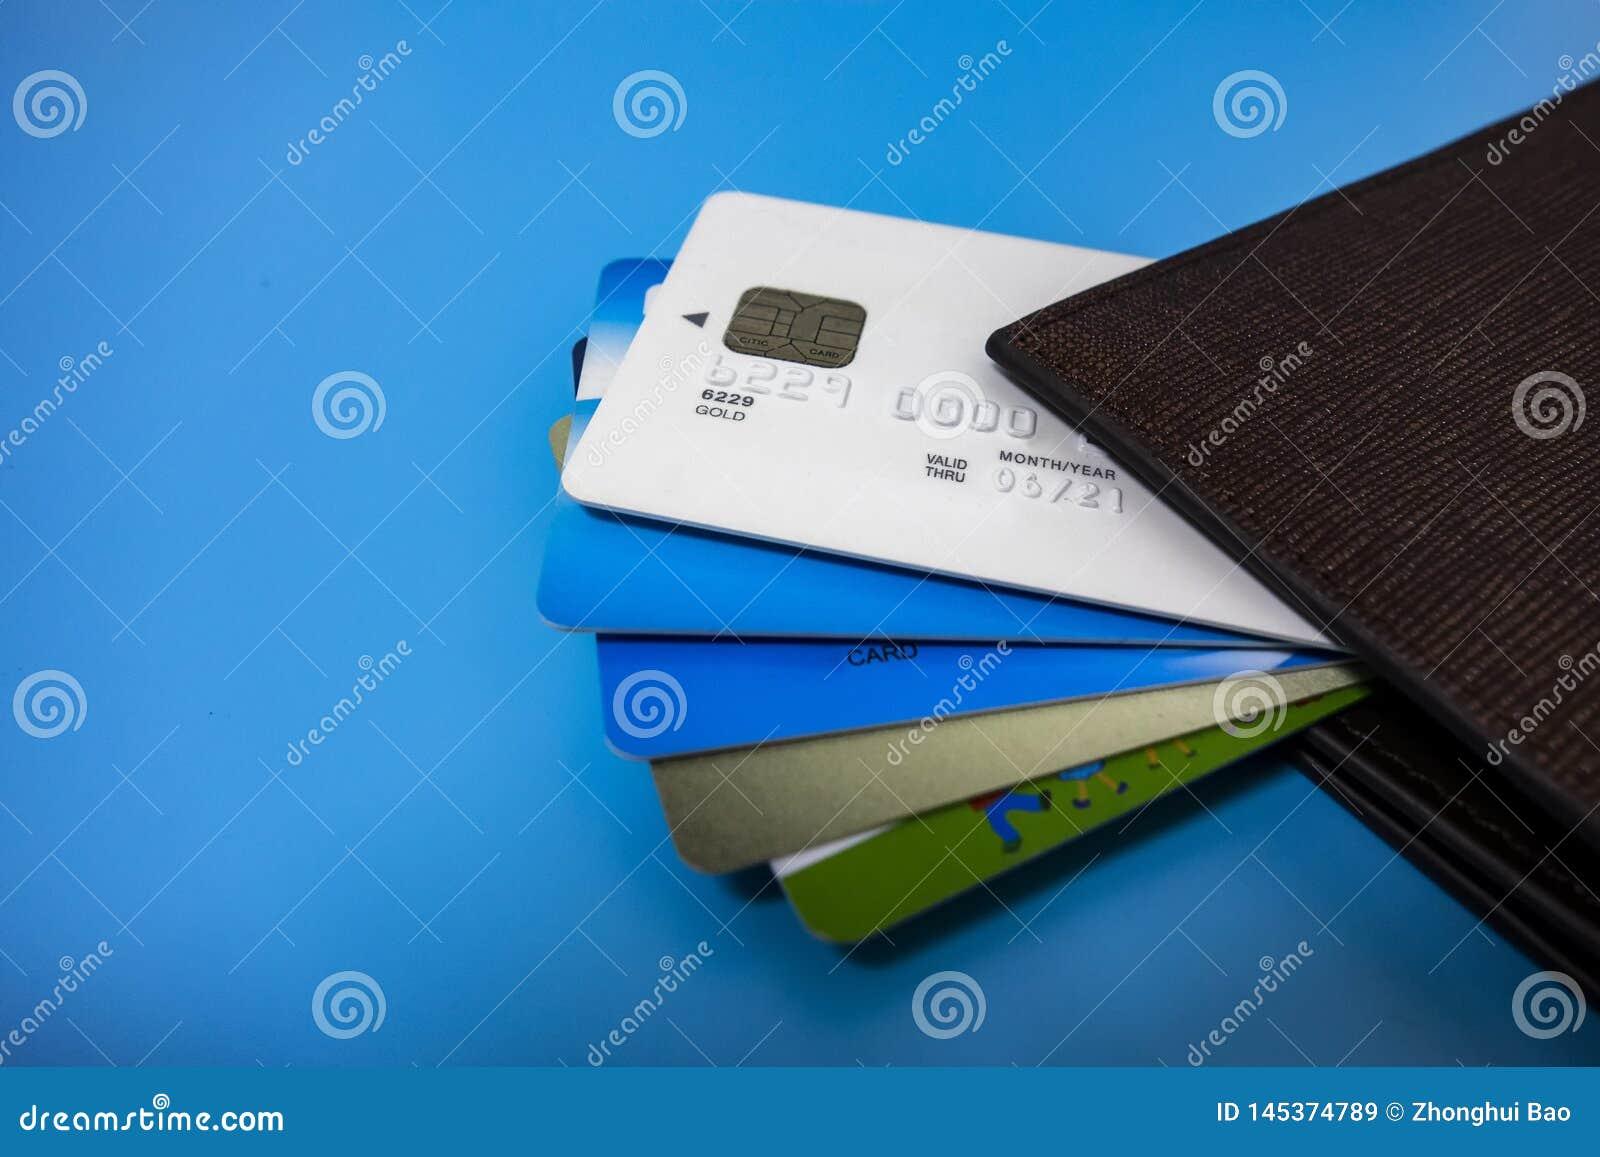 Toda clase de tarjetas de banco